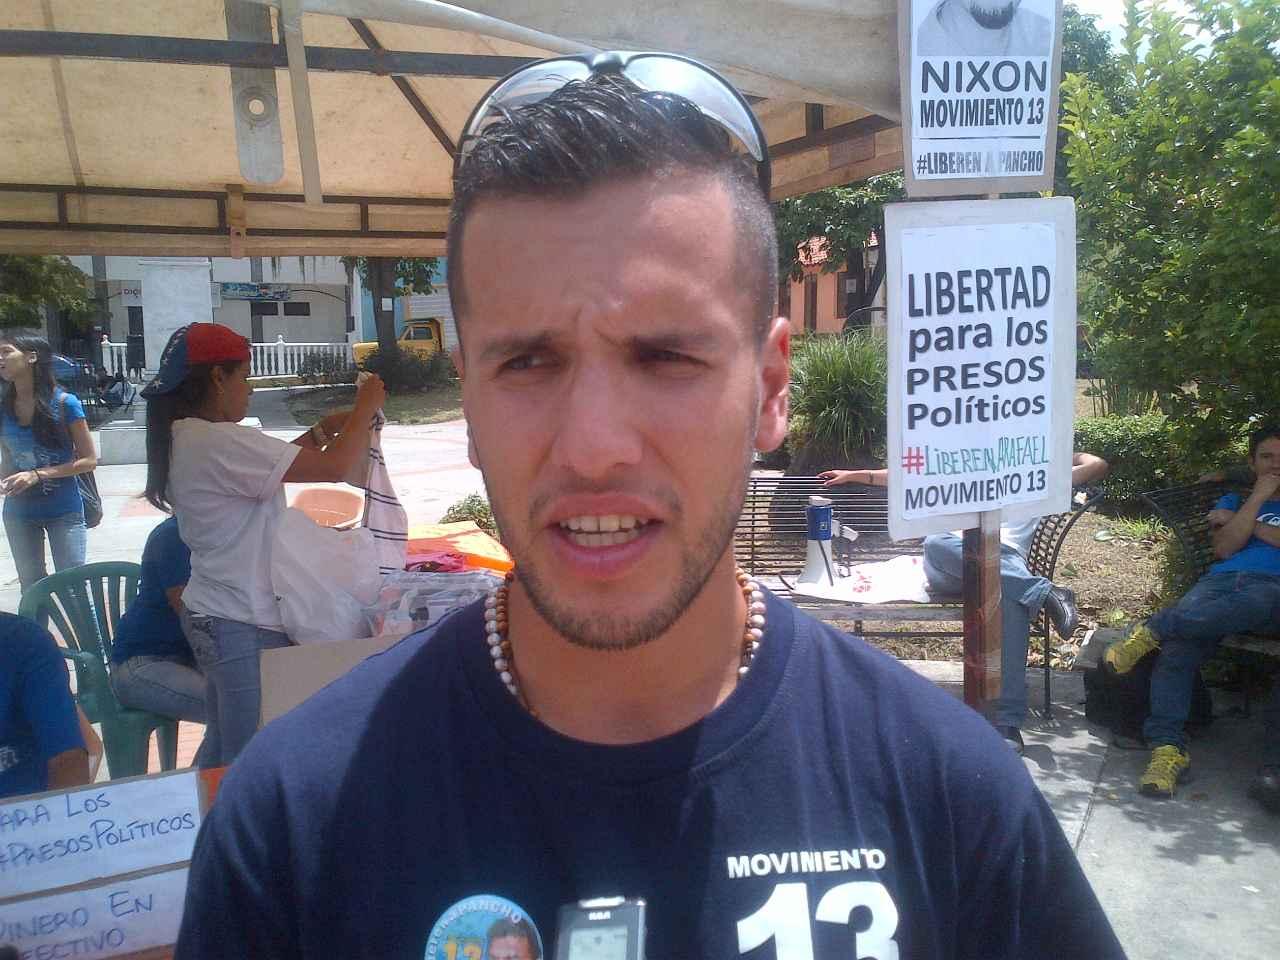 Recolectan alimentos, medicinas y artículos de higiene para los presos políticos de Mérida